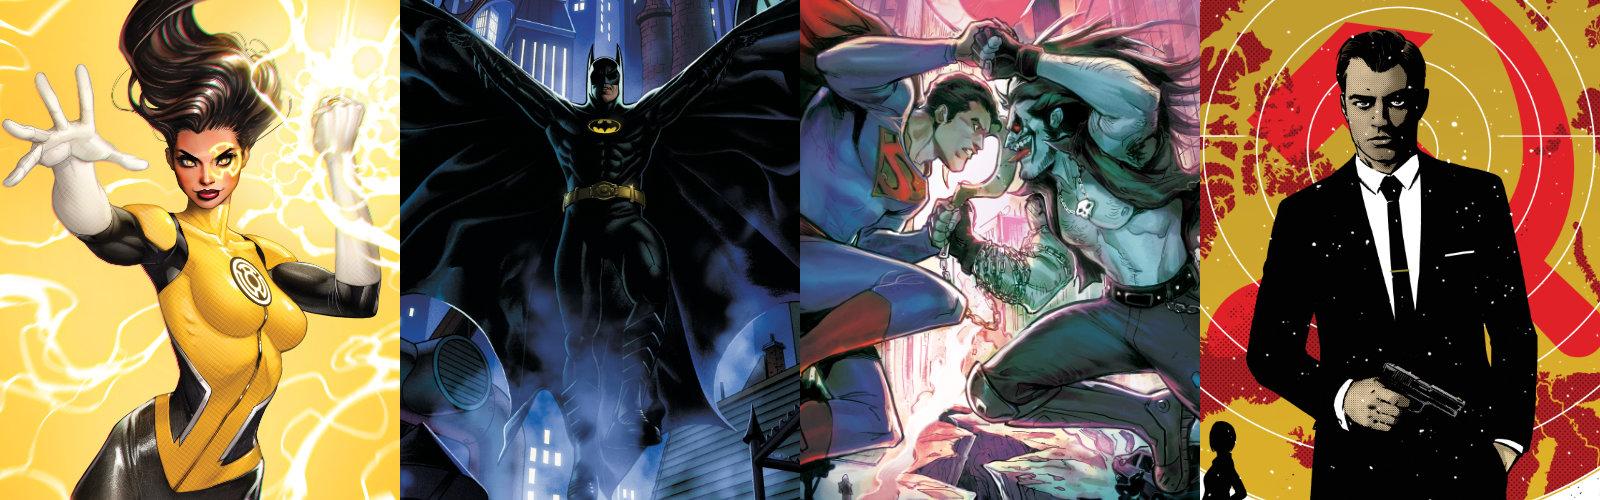 Solicitations: August 2021 – DC Comics